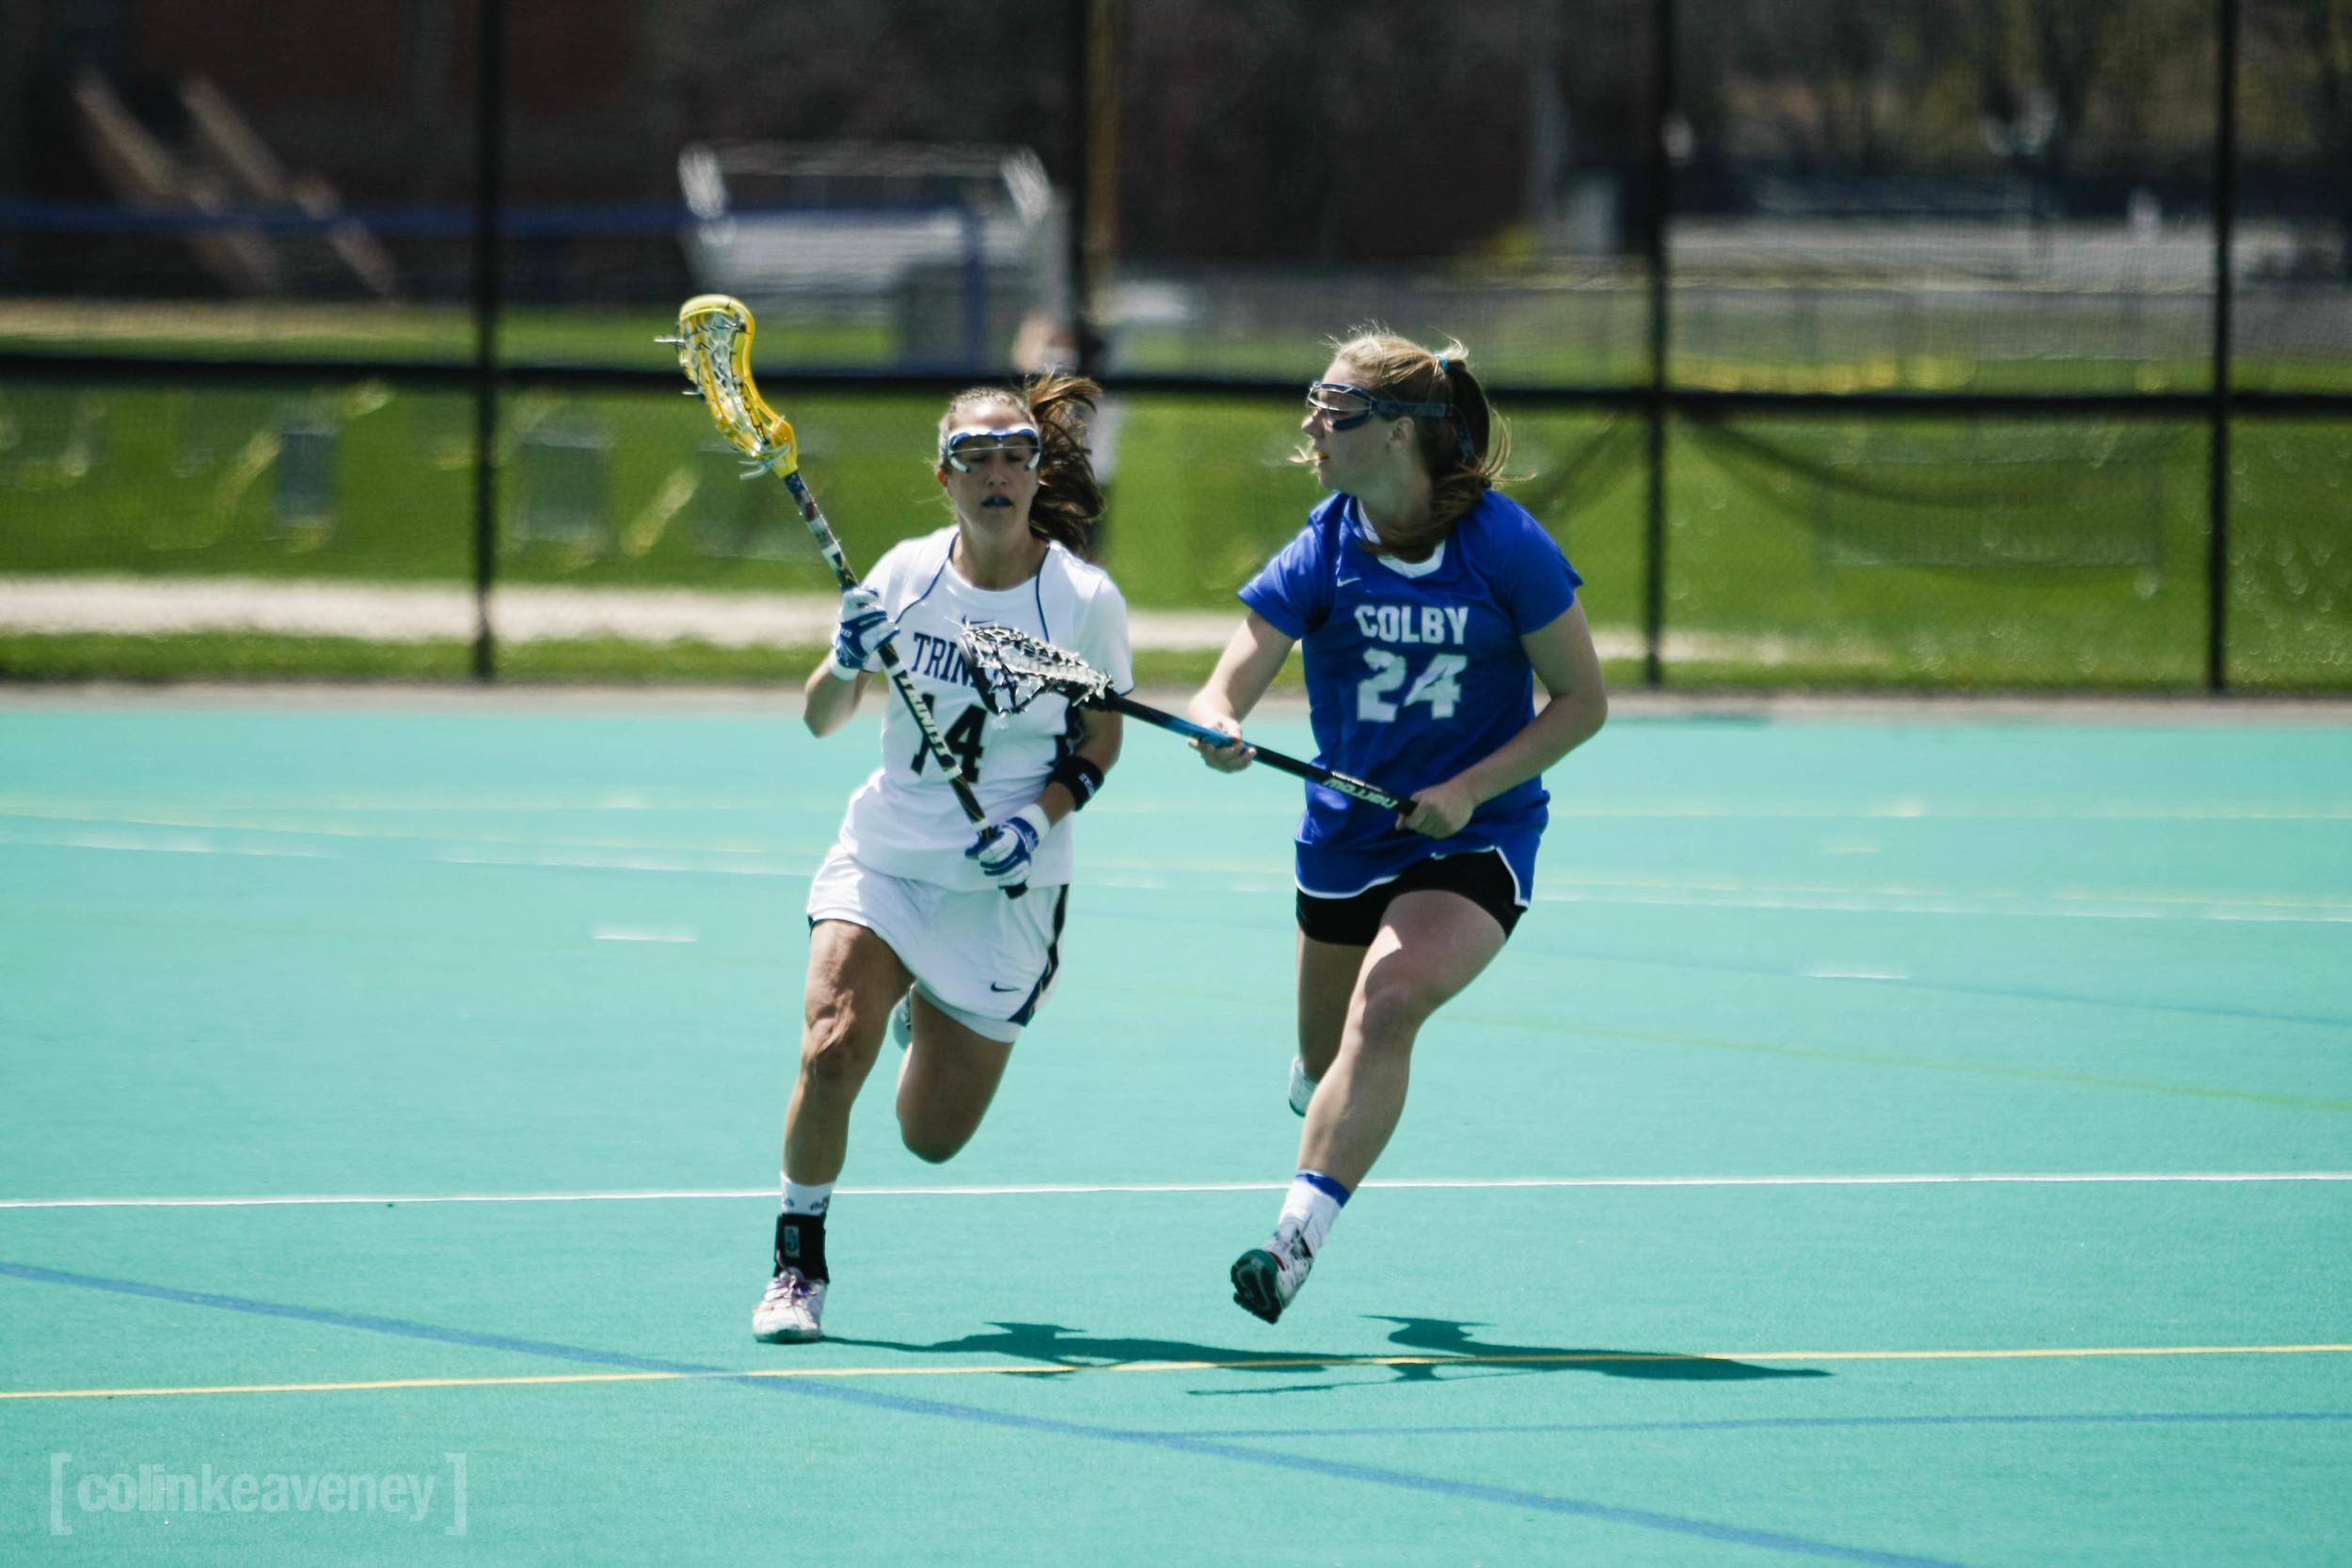 COLBY_lacrosse-29.jpg